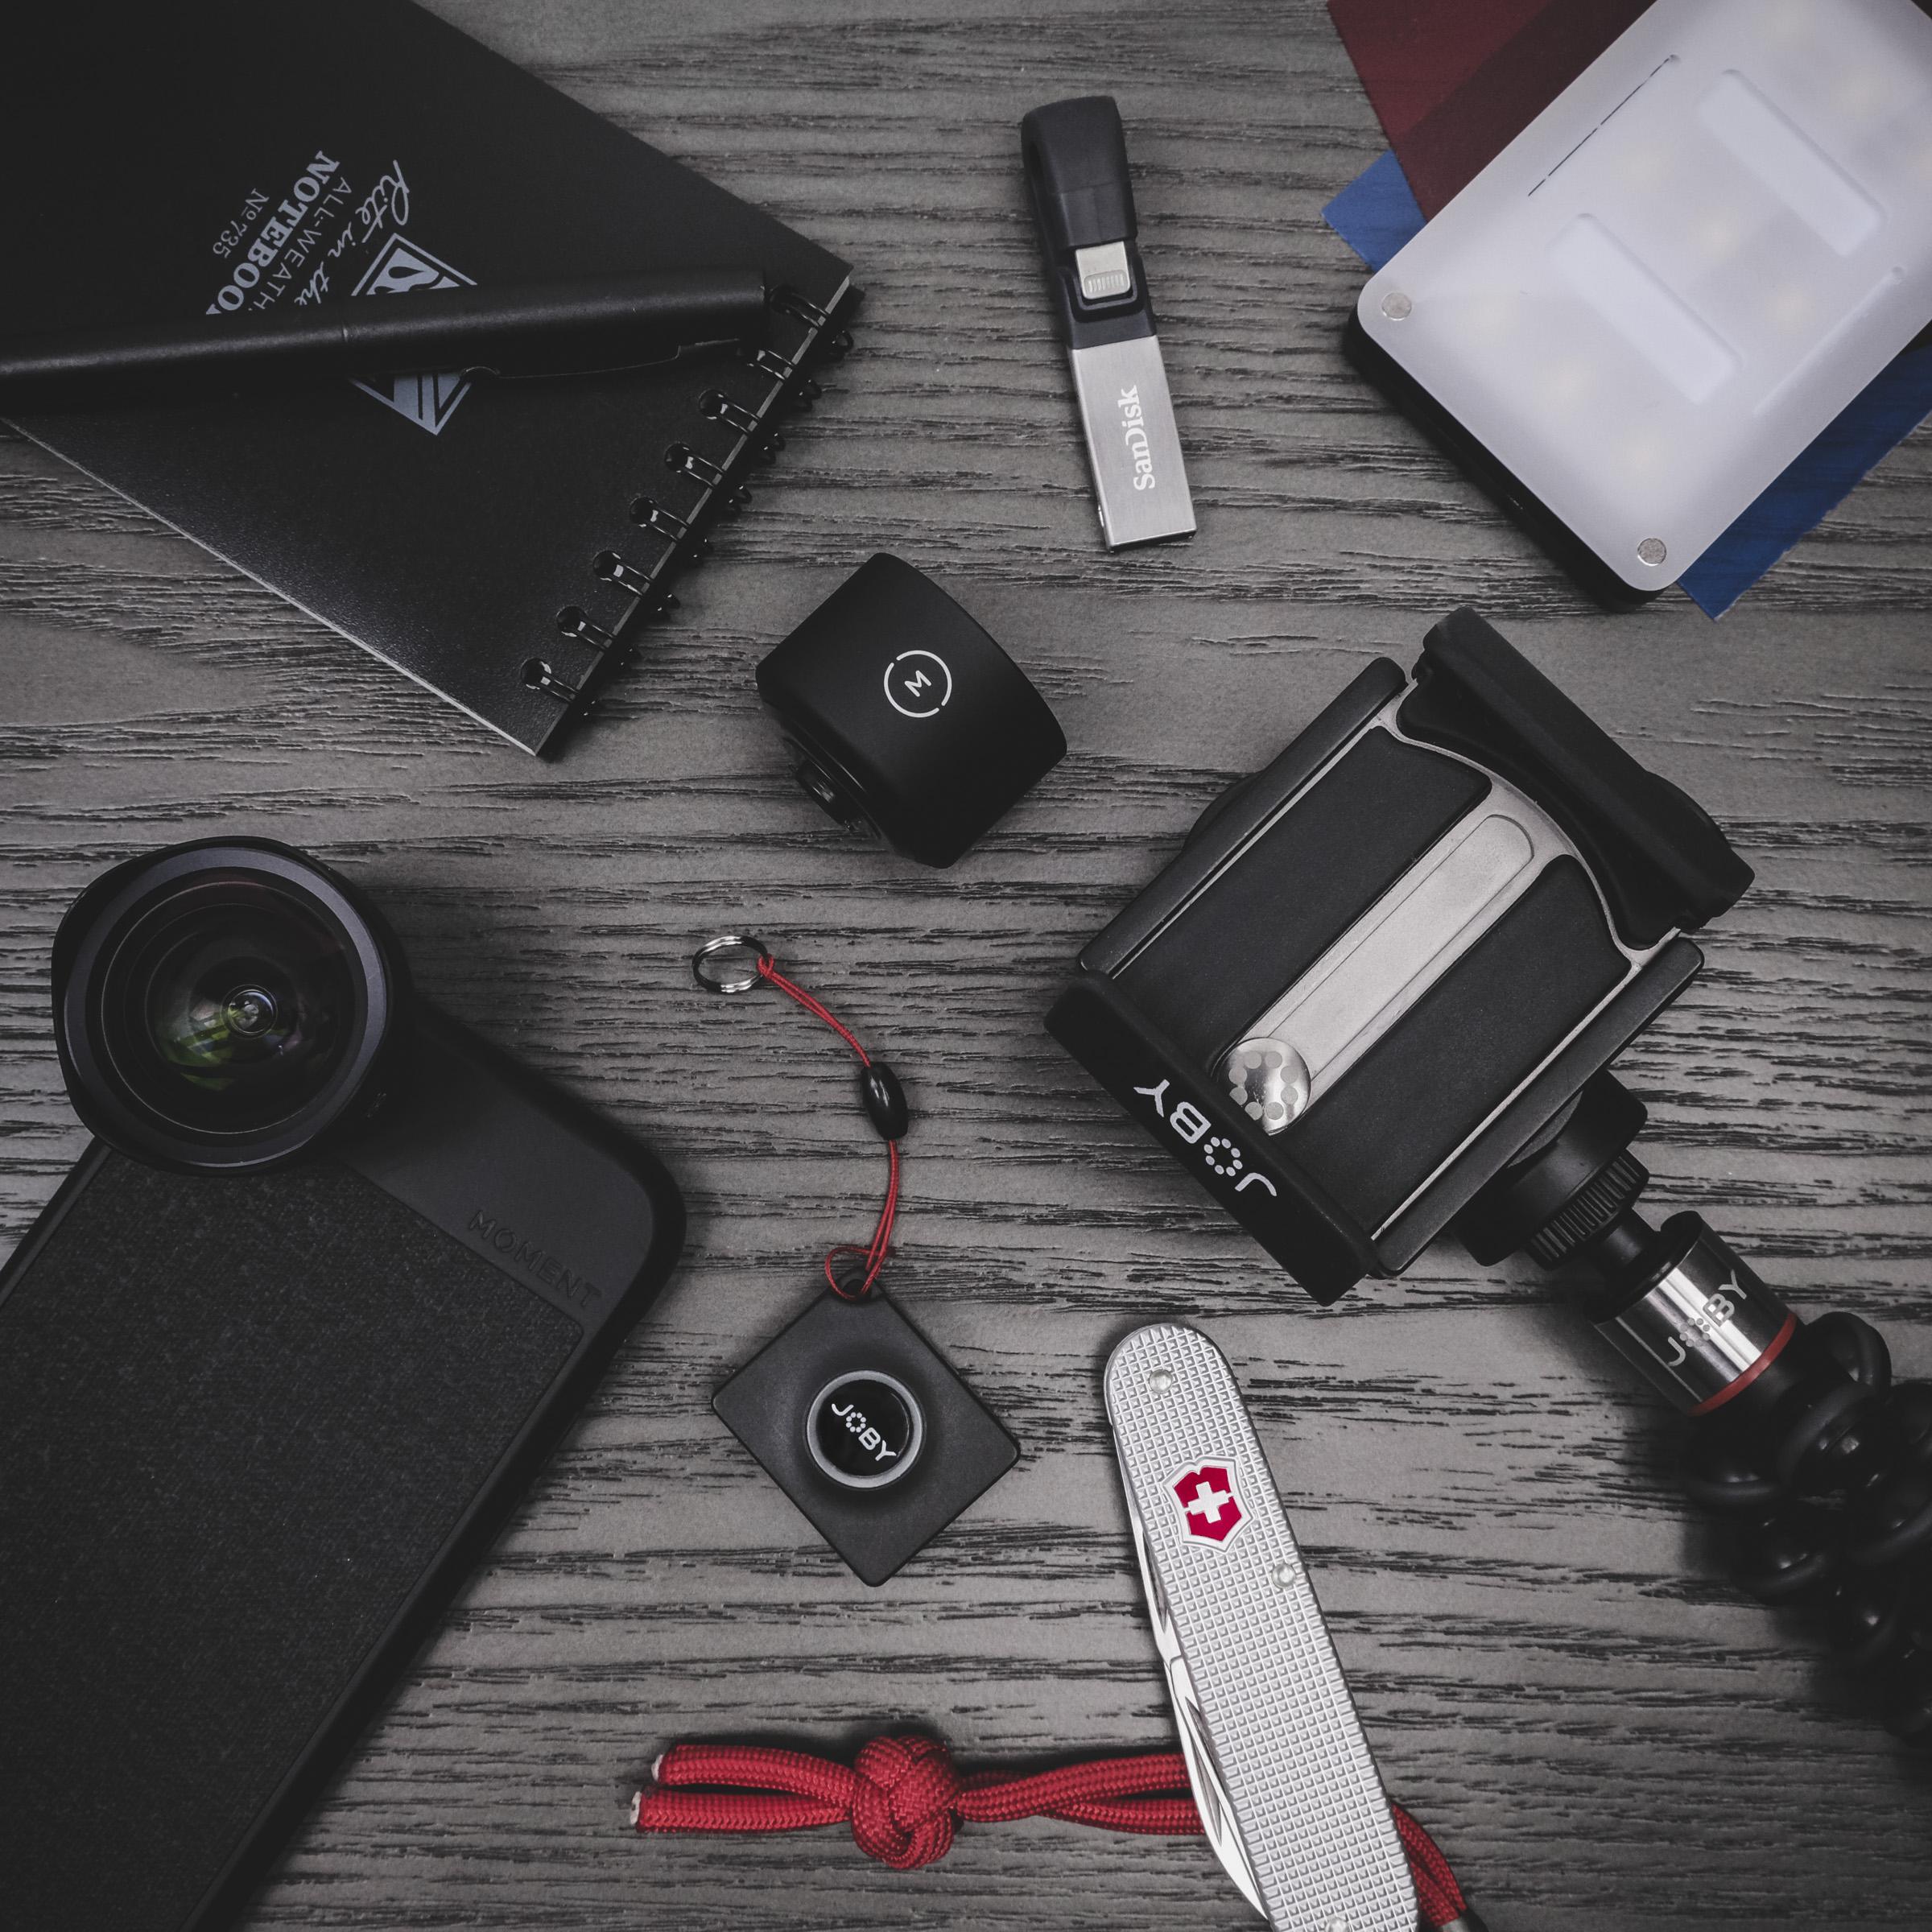 Instagram Vlogger